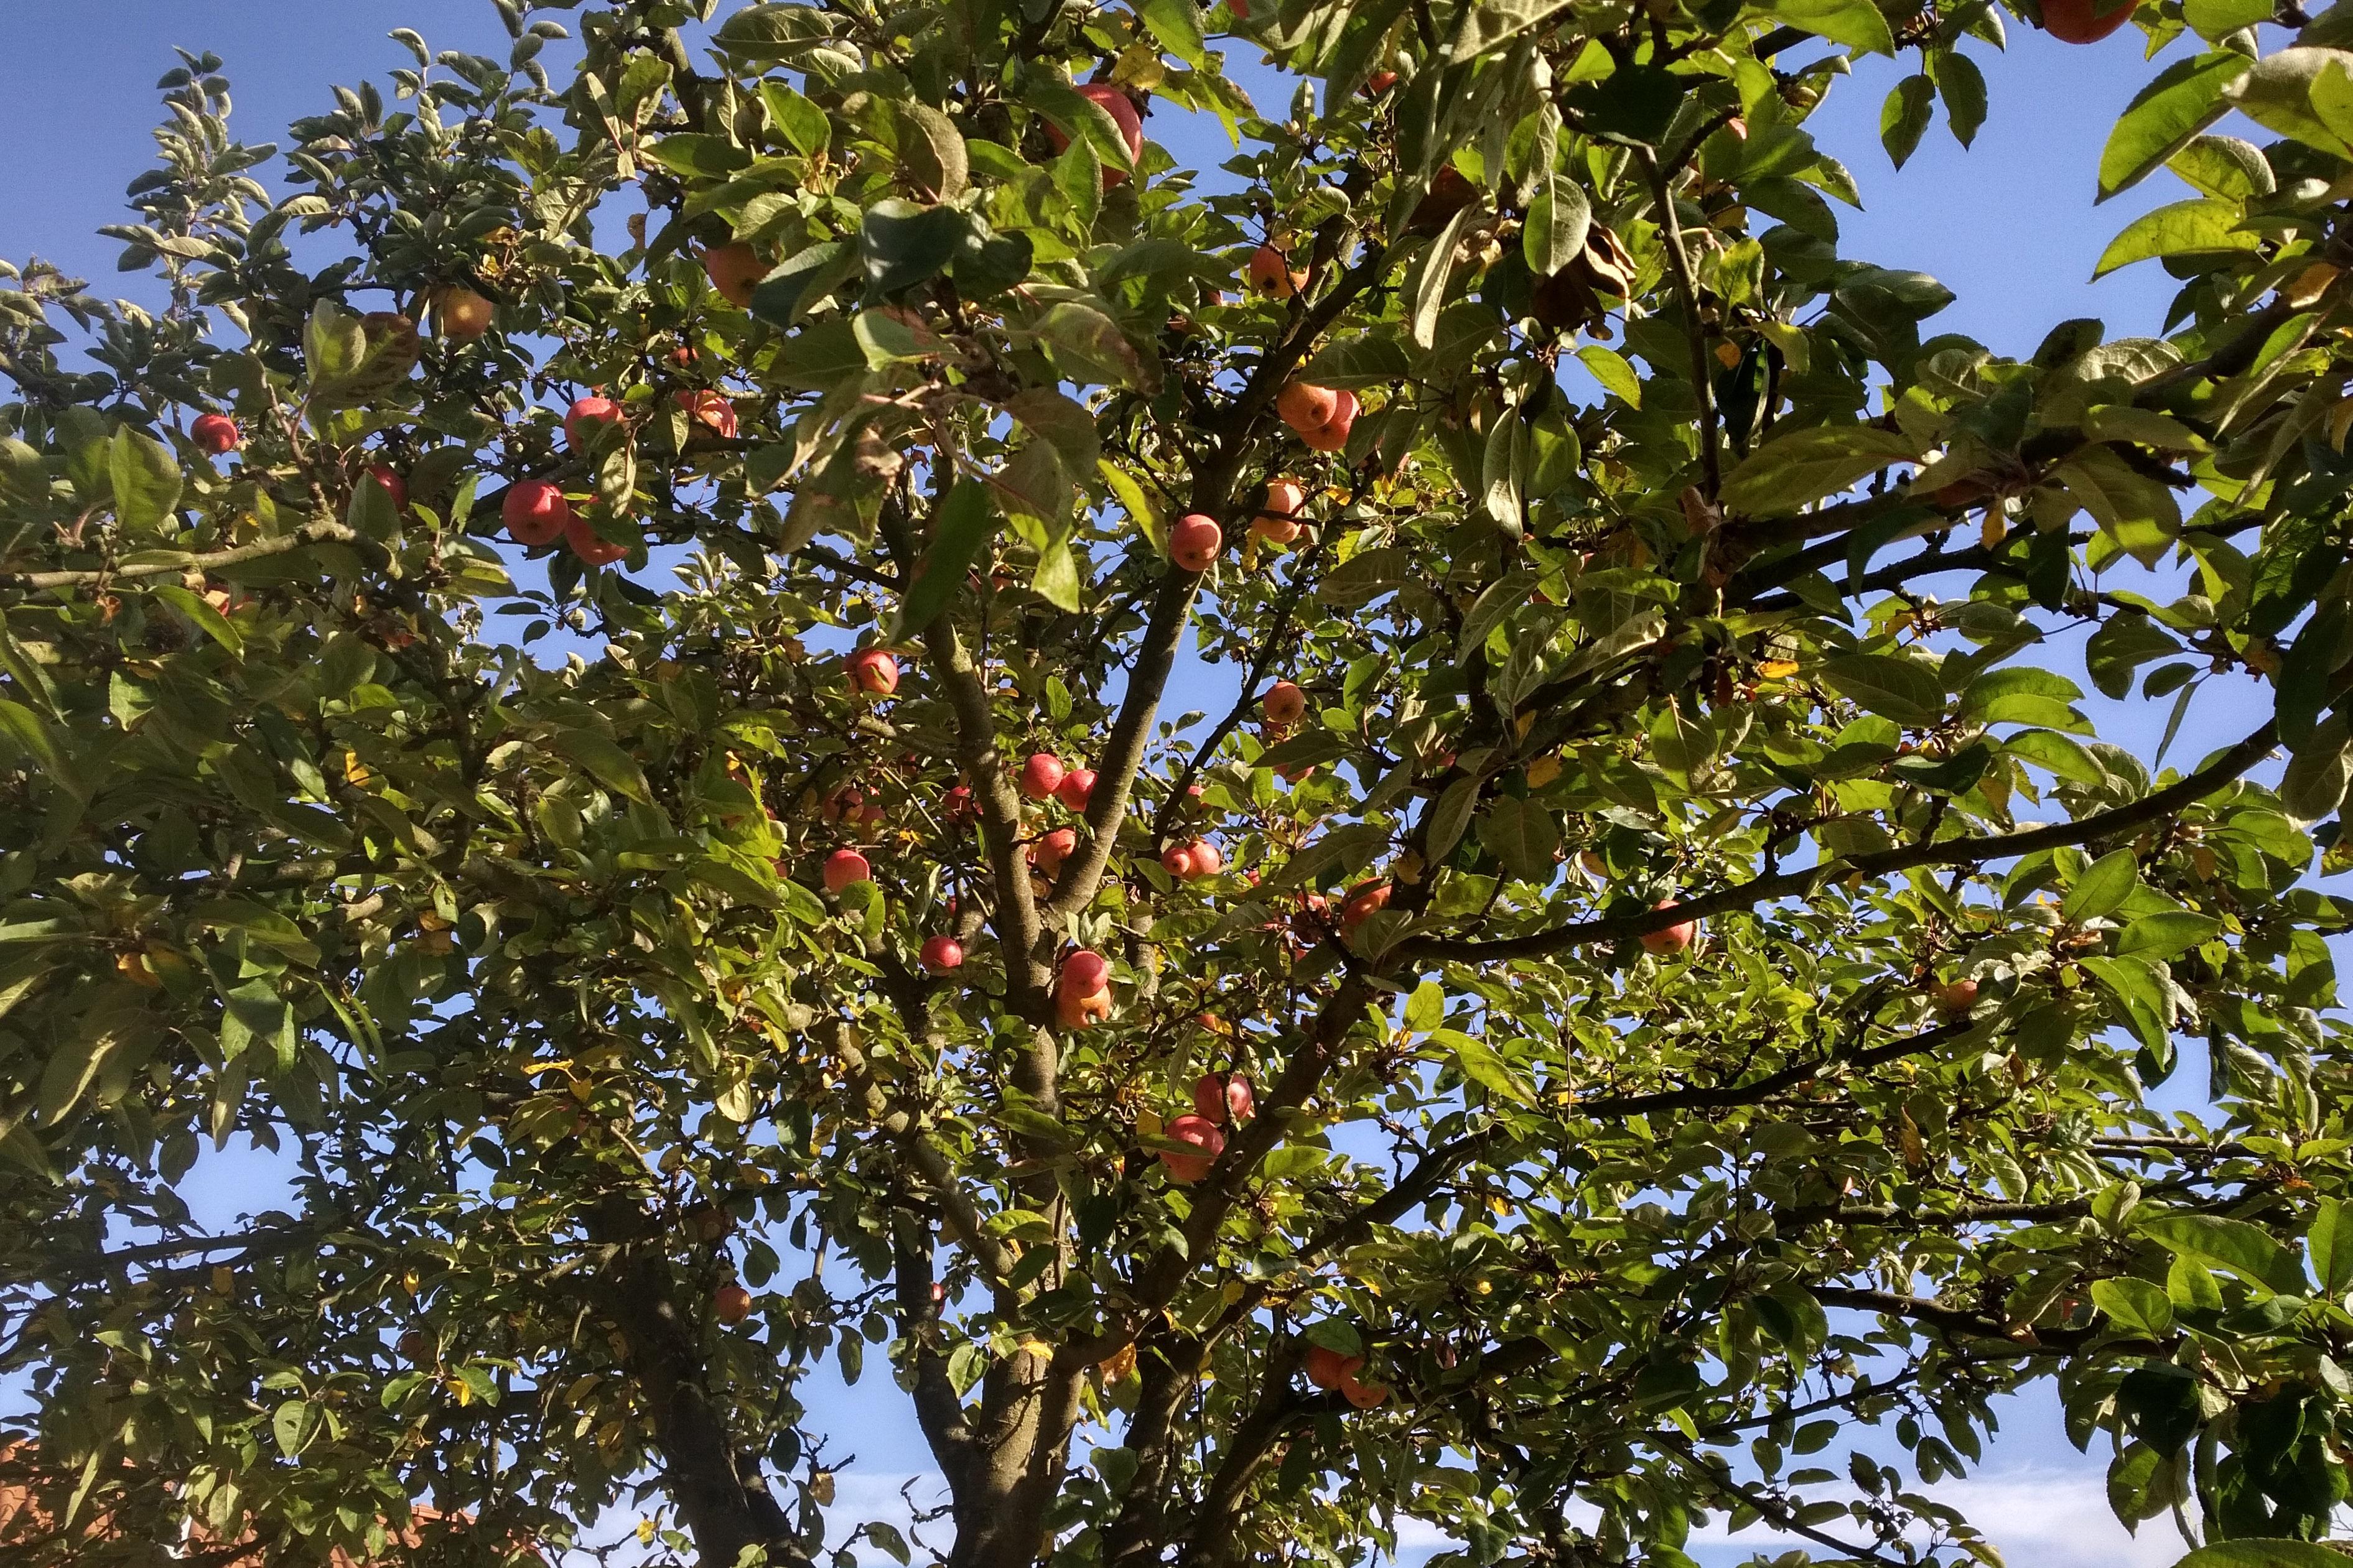 Einer der Apfelbäume auf der Kläranlage Westerholt. Sieht schön aus, ist ökologisch wertvoll und die Äpfel schmecken. :-) Foto: Anne-Kathrin Lappe / EGLV